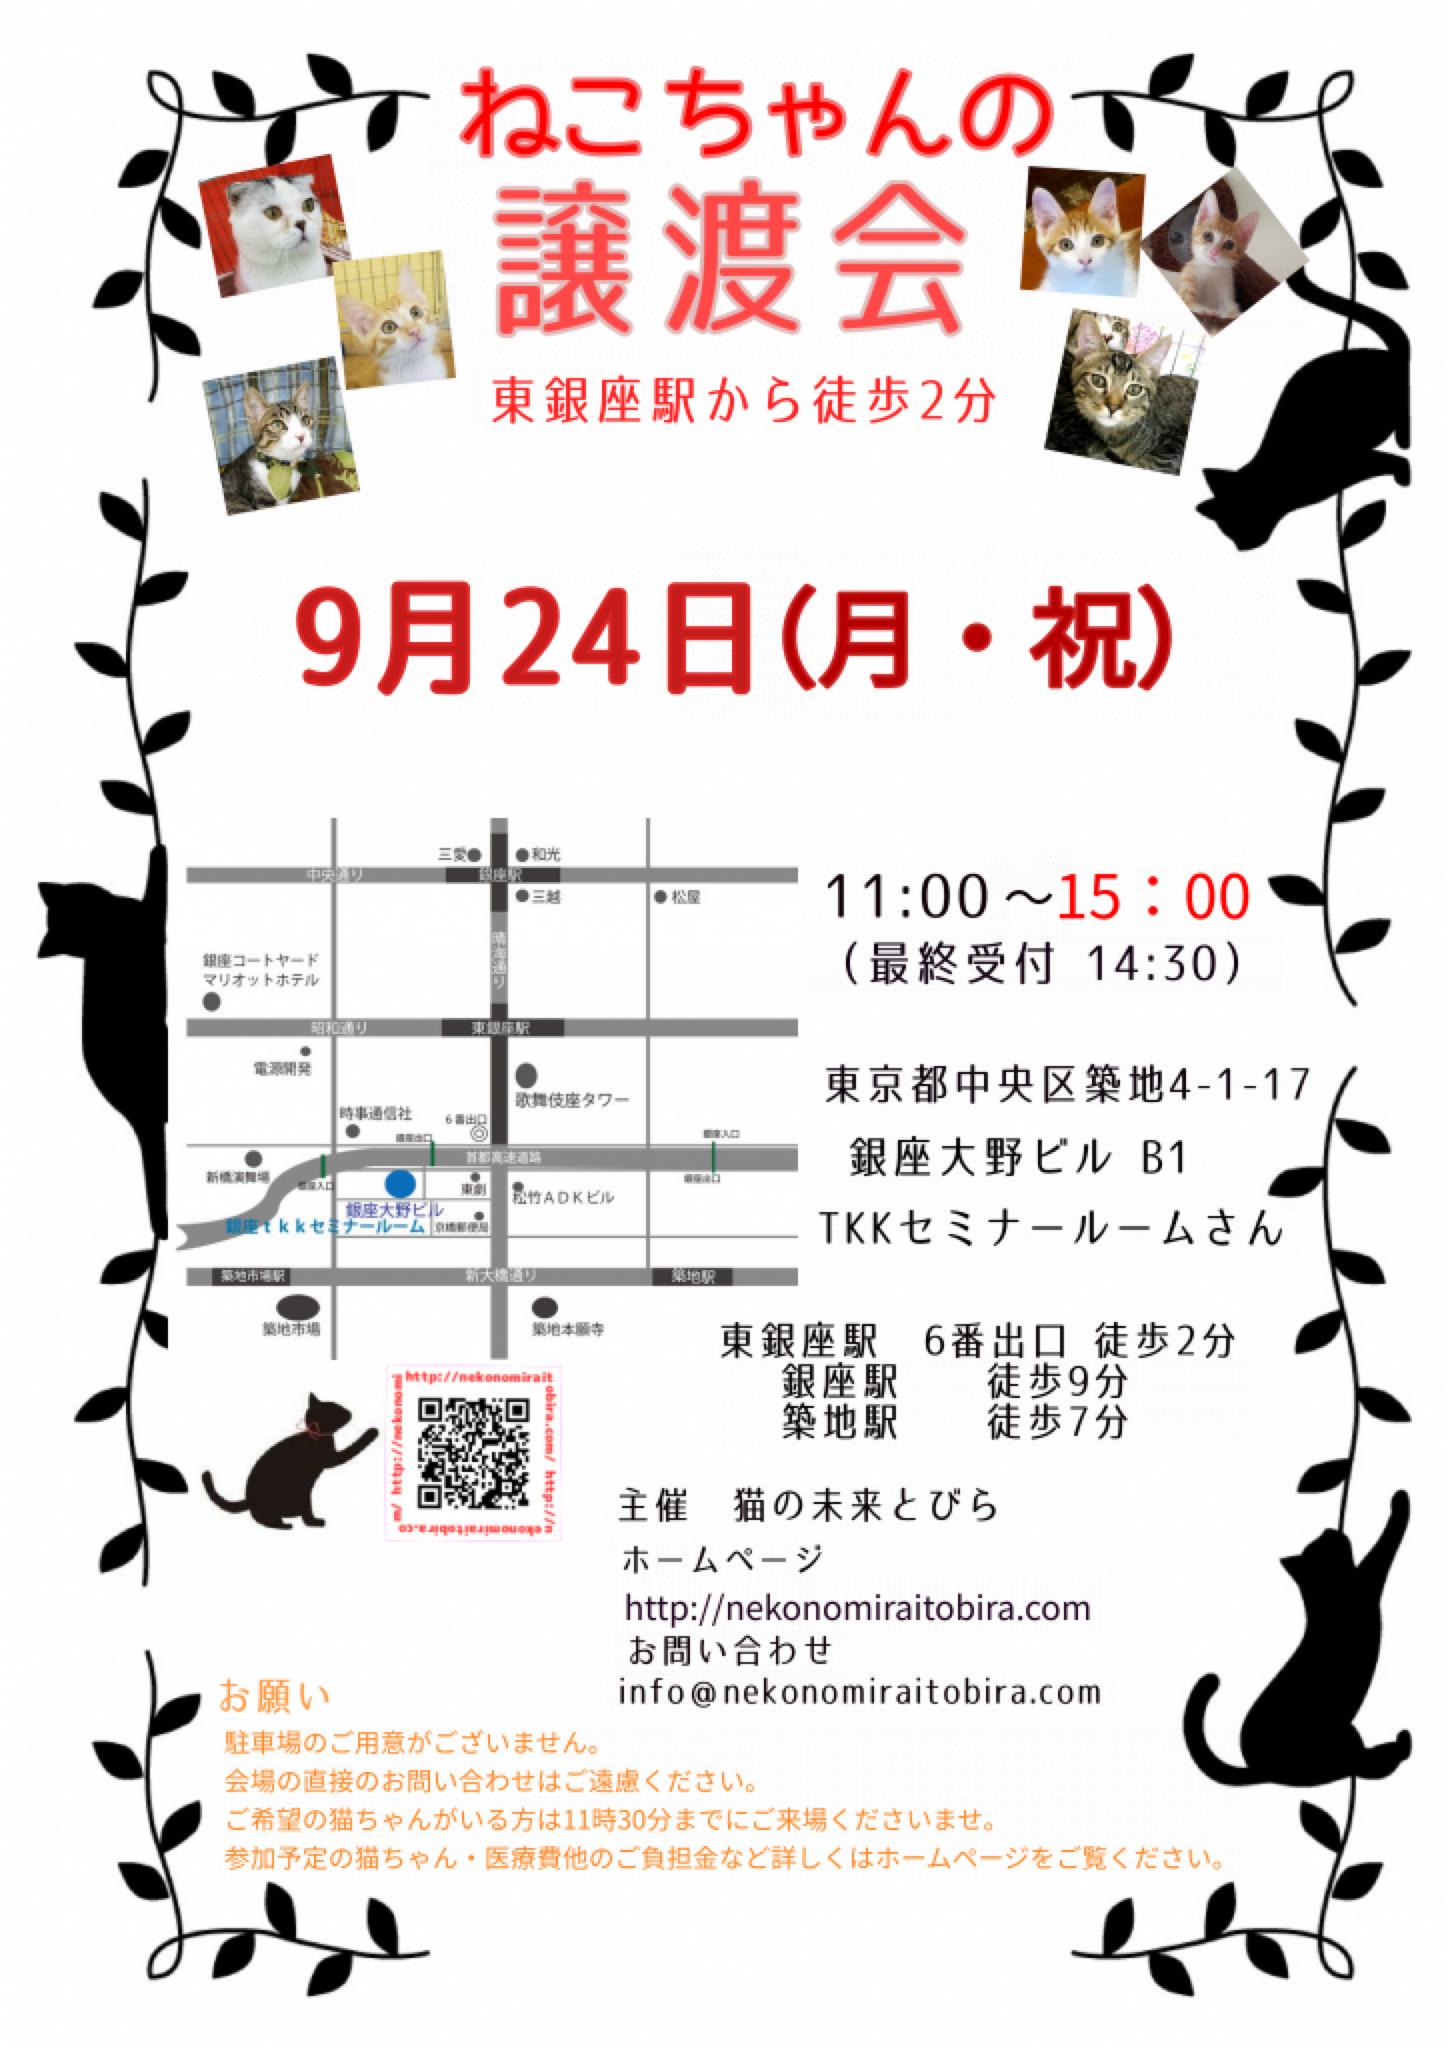 【 第18回】 <br>東京東銀座にて ねこの譲渡会開催